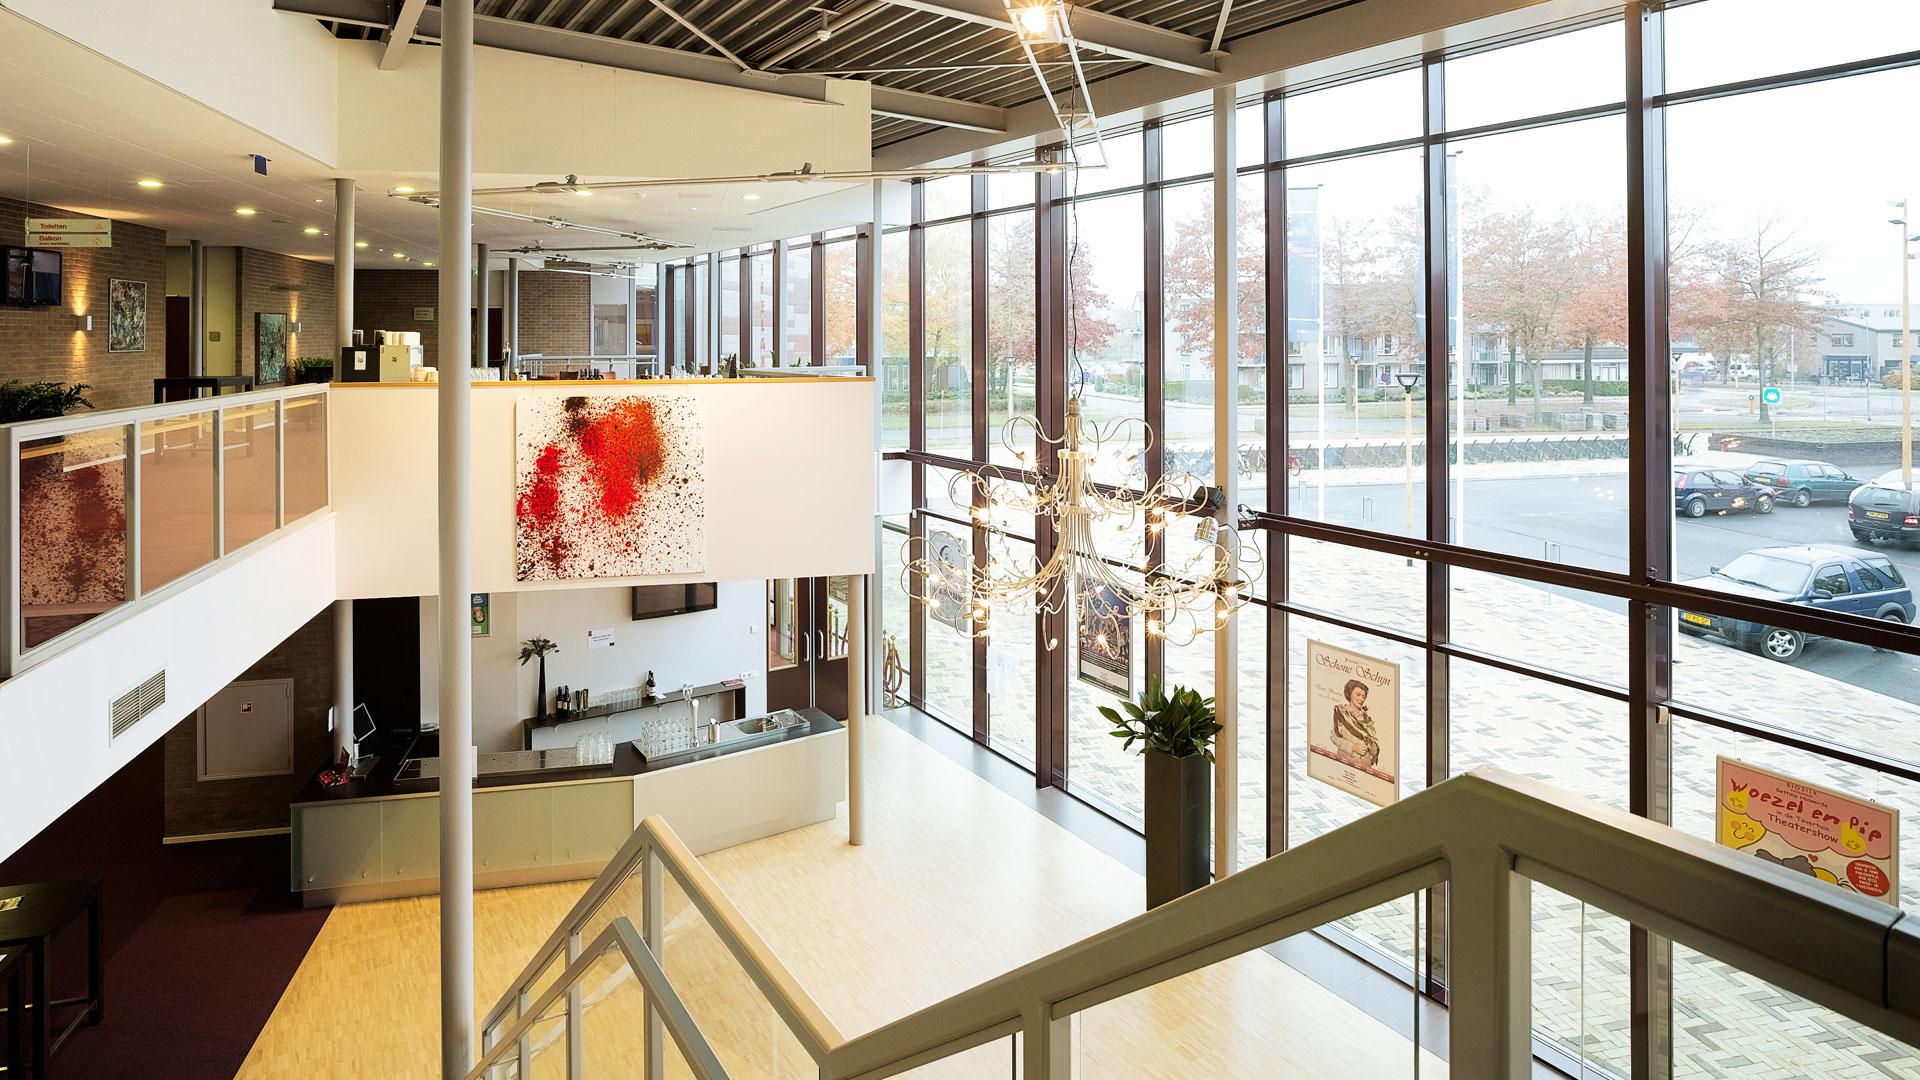 3948-Barneveld-Schaffelaar-theater-interieur-101101_000109-web ...